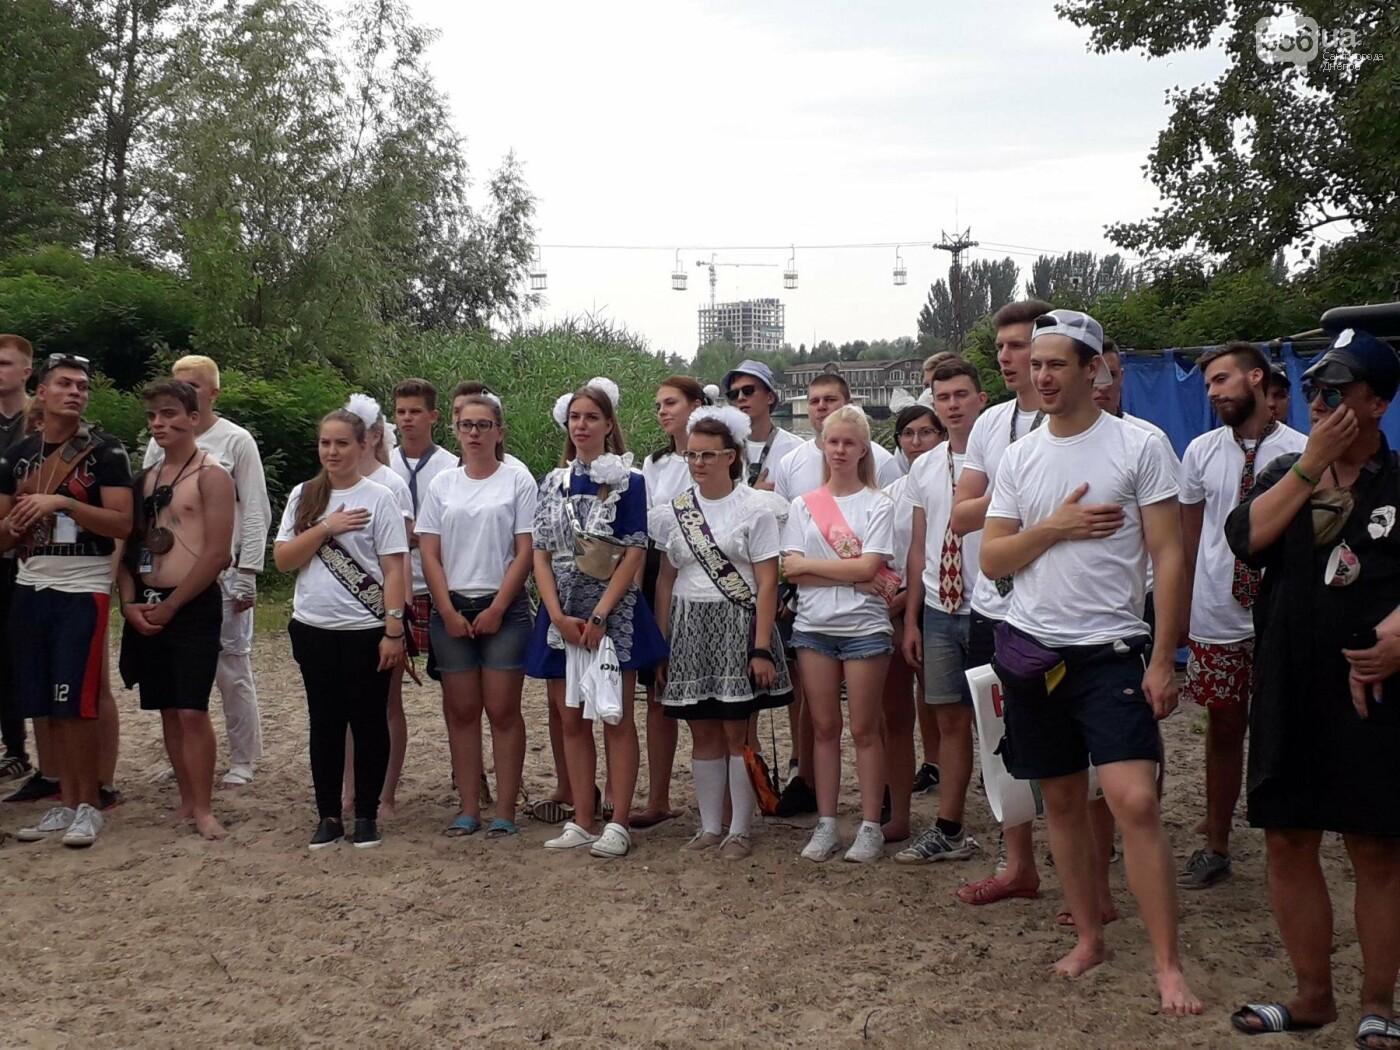 В Днепре стартовал масштабный молодежный фестиваль: как прошло открытие,  - ФОТО, фото-2